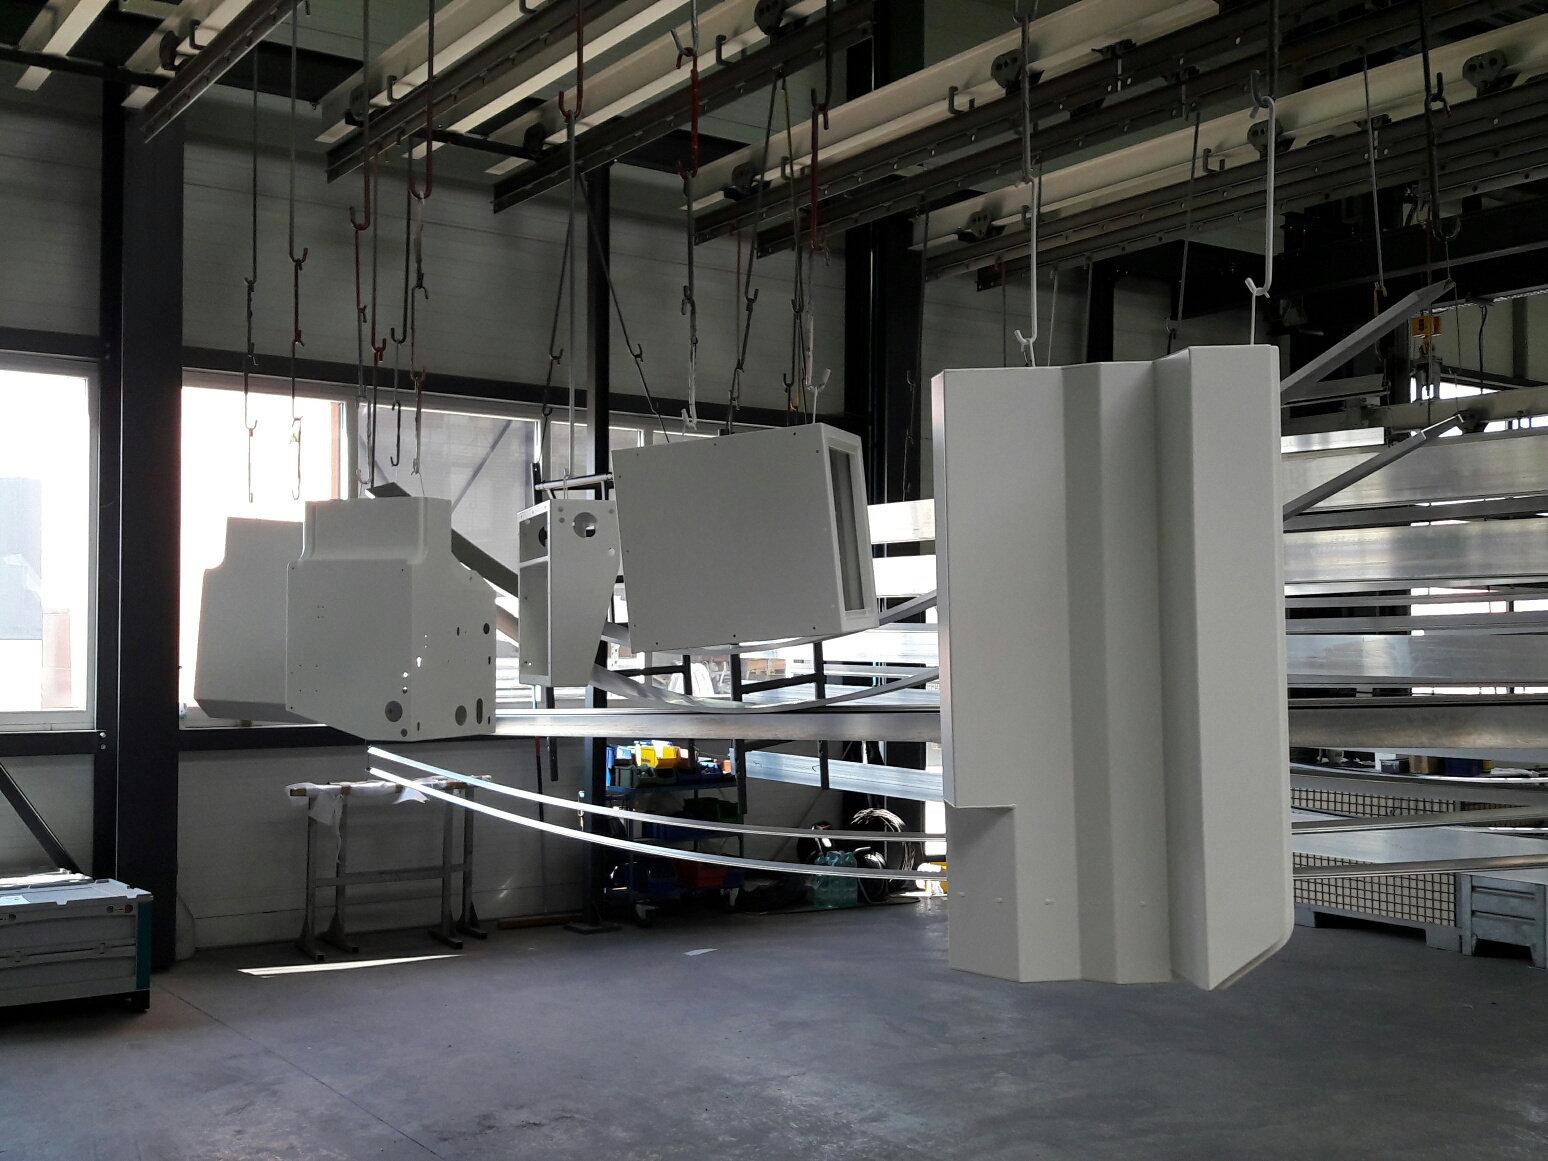 frisch pulverbeschcihtete Bauteile des MERIDIAN Innenausbaus